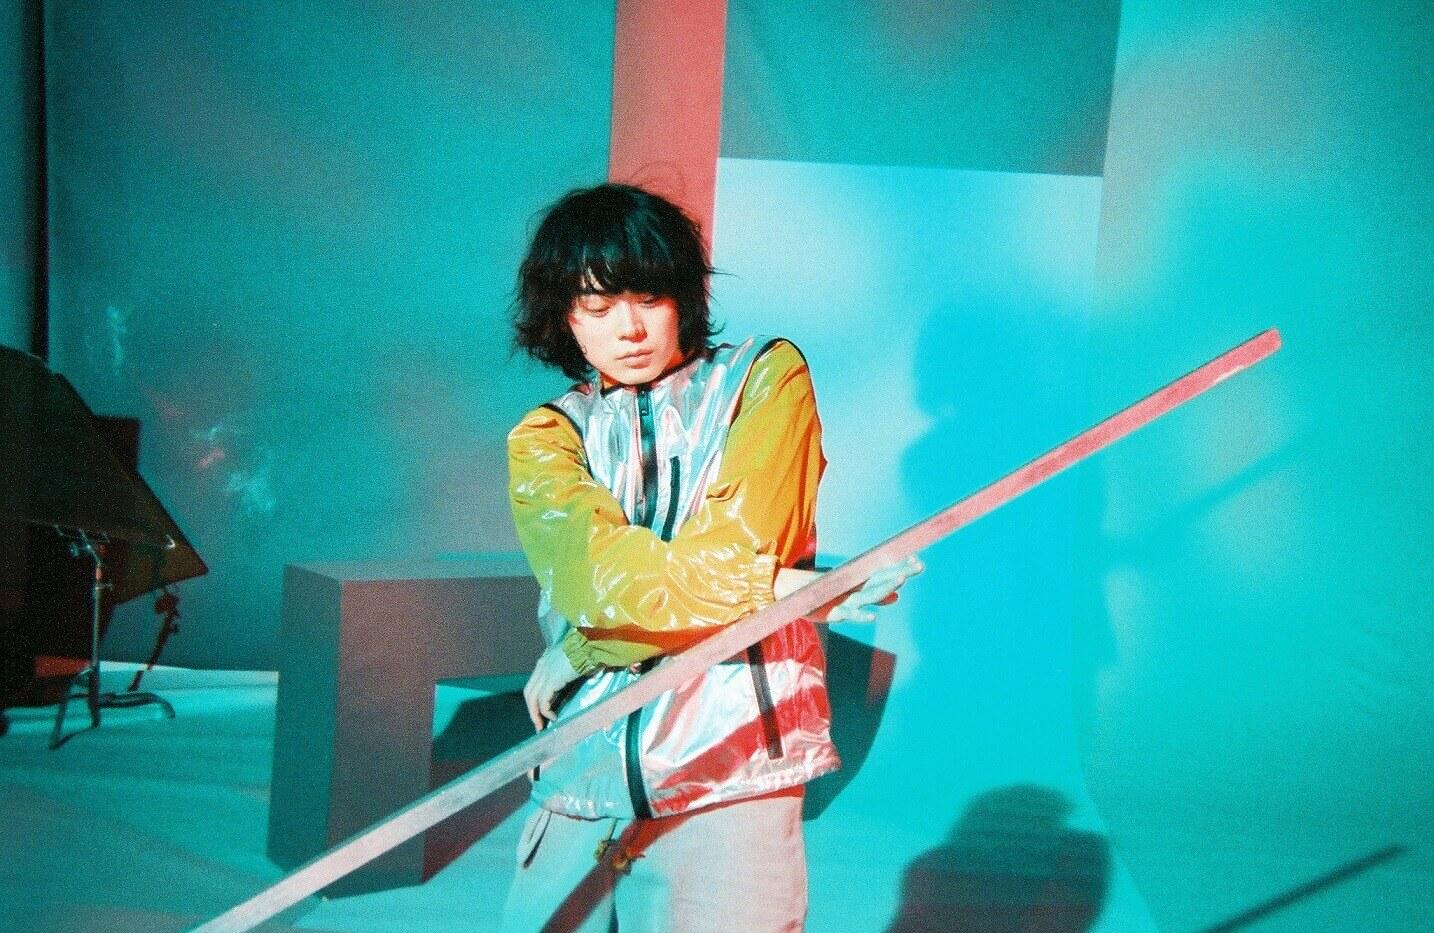 菅田将暉が色気を感じる女性のあるシチュエーションに反響「なんであんなエロいんですかね」サムネイル画像